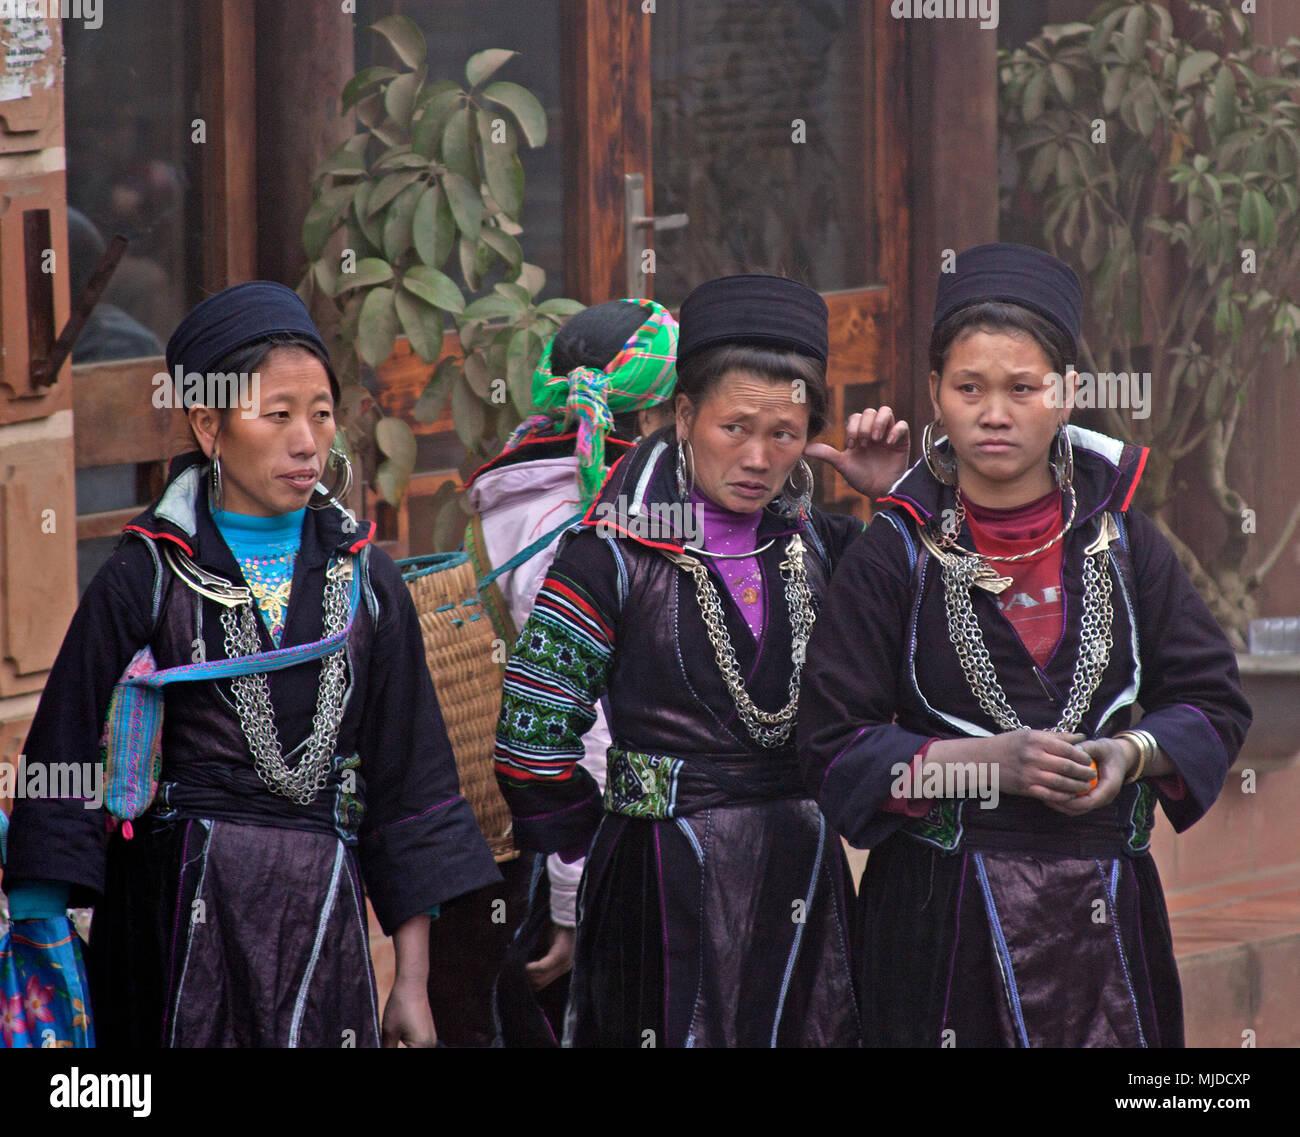 Reife asiatische Frau mit drei Schwarzen